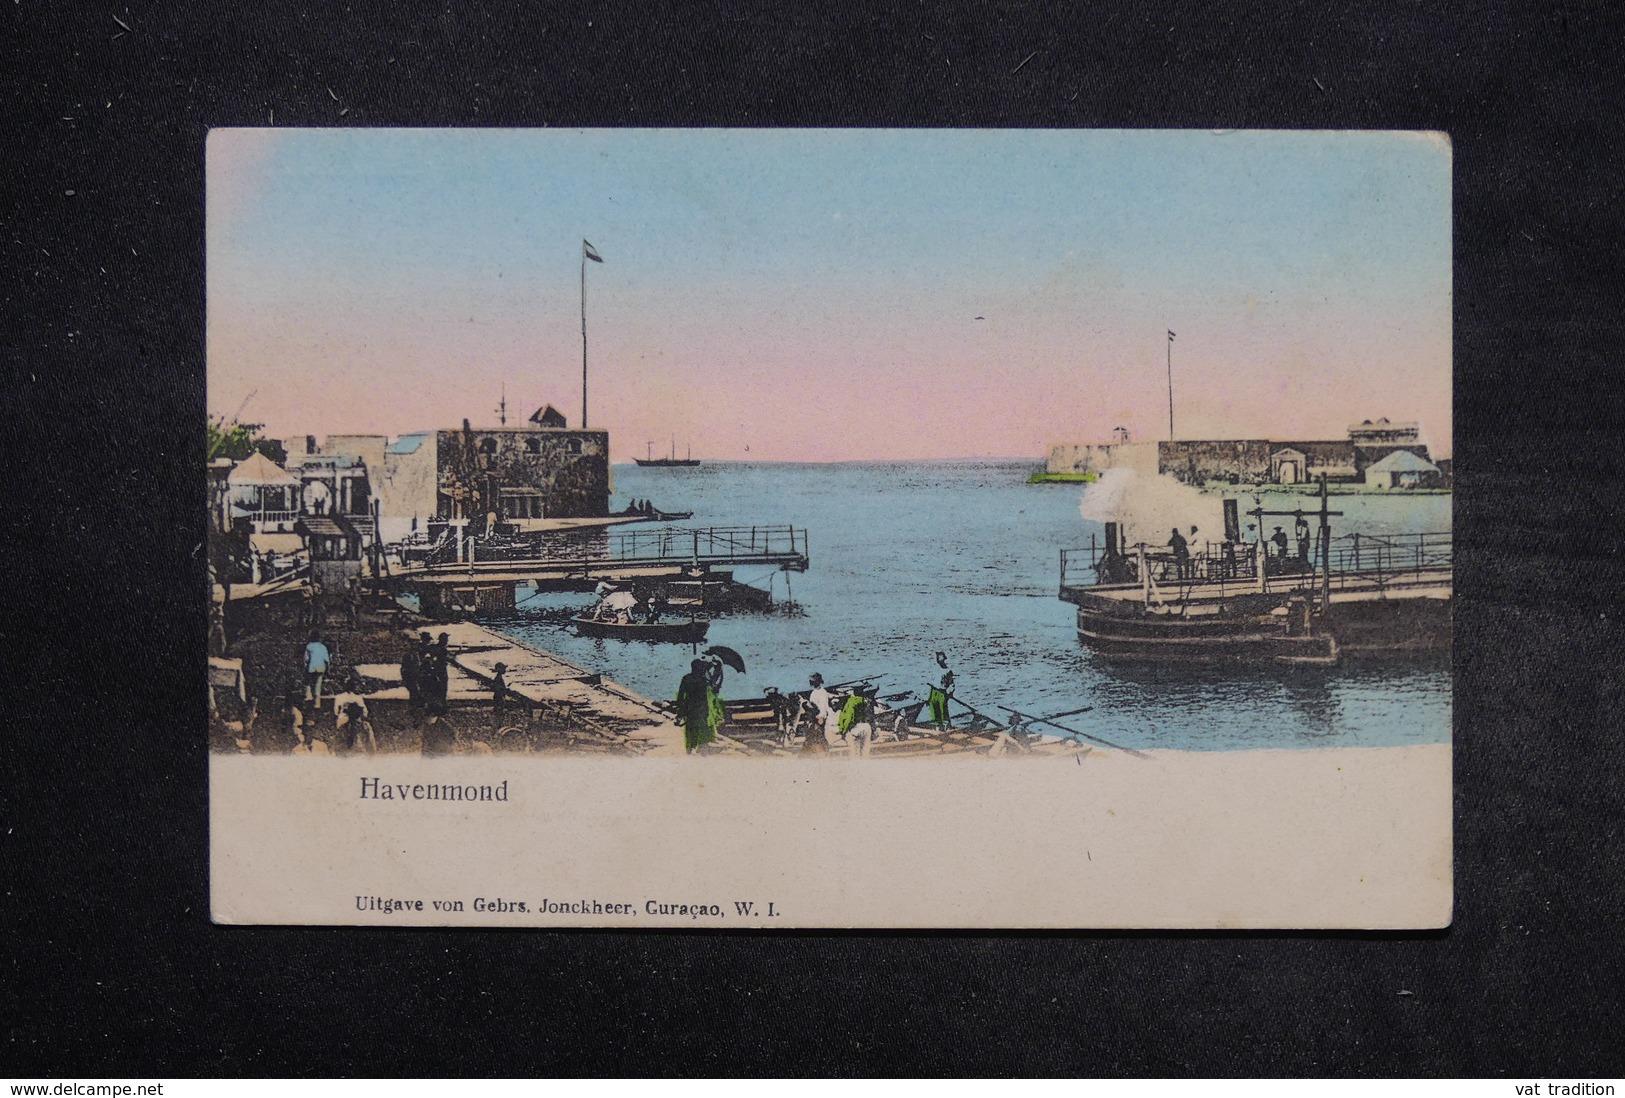 CURAÇAO - Carte Postale - Havenmond -  L 27728 - Curaçao